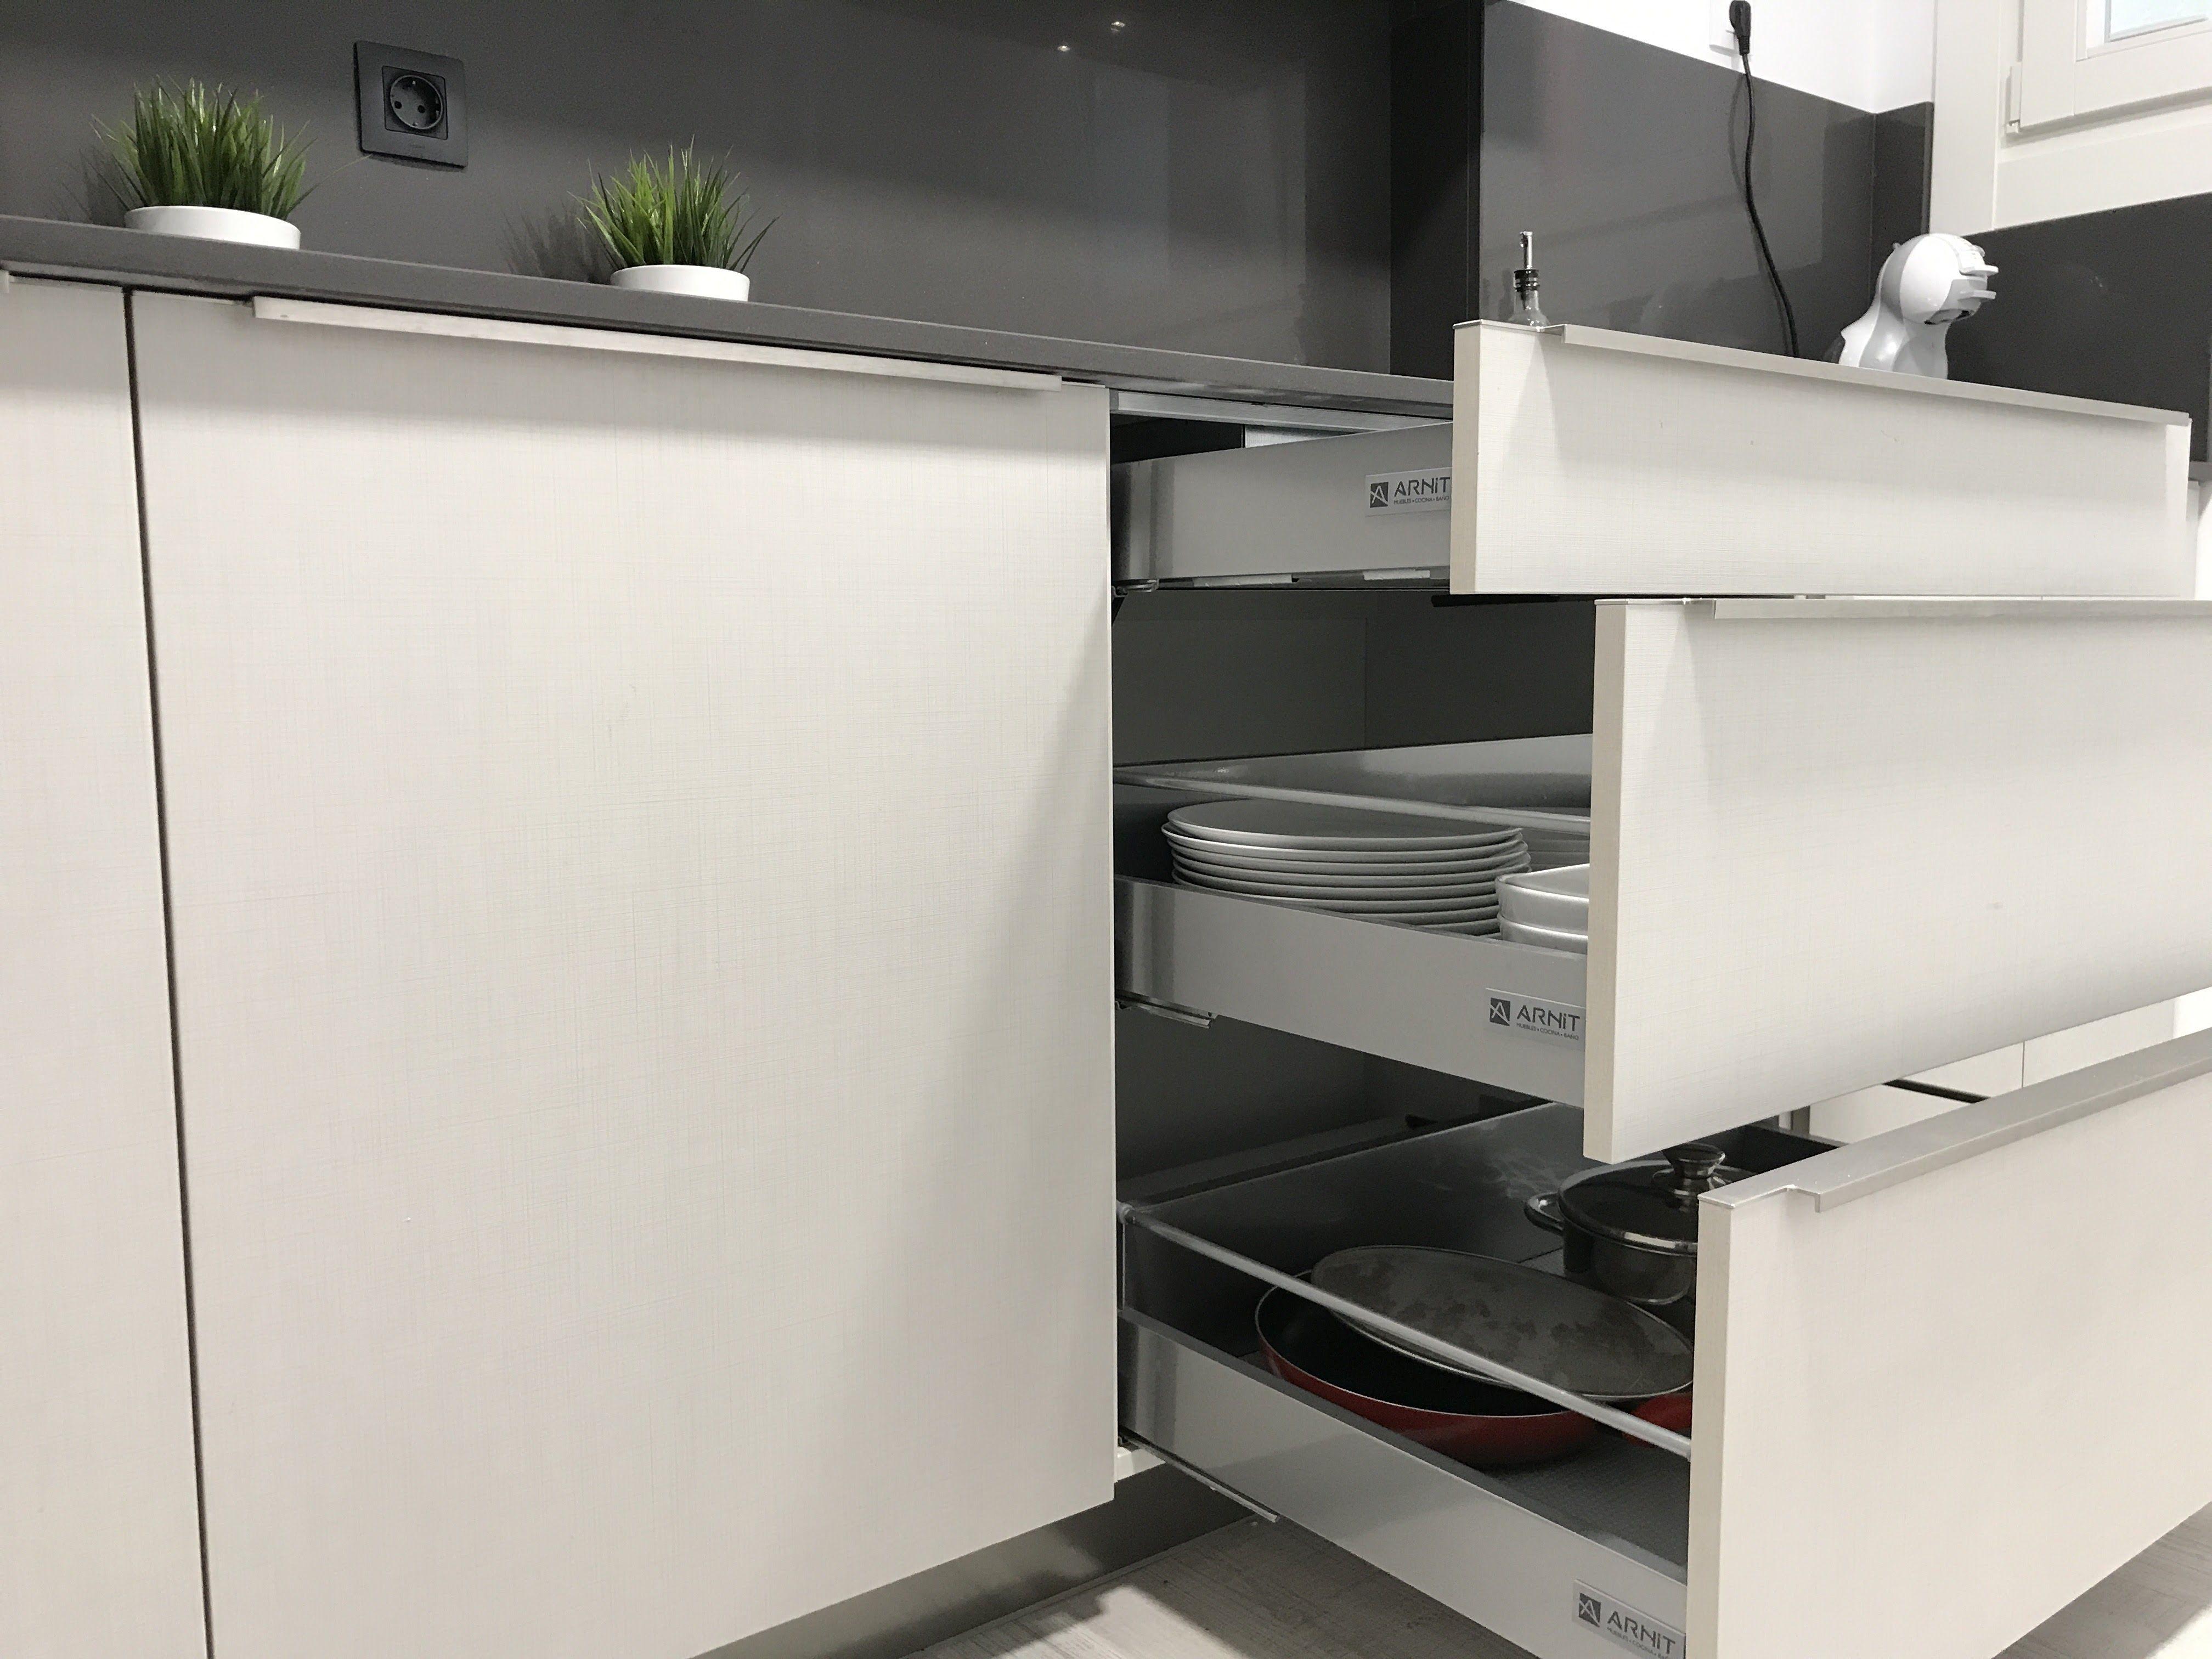 Épinglé par ARNIT fabricante muebles cocina baño sur Cocinas ...